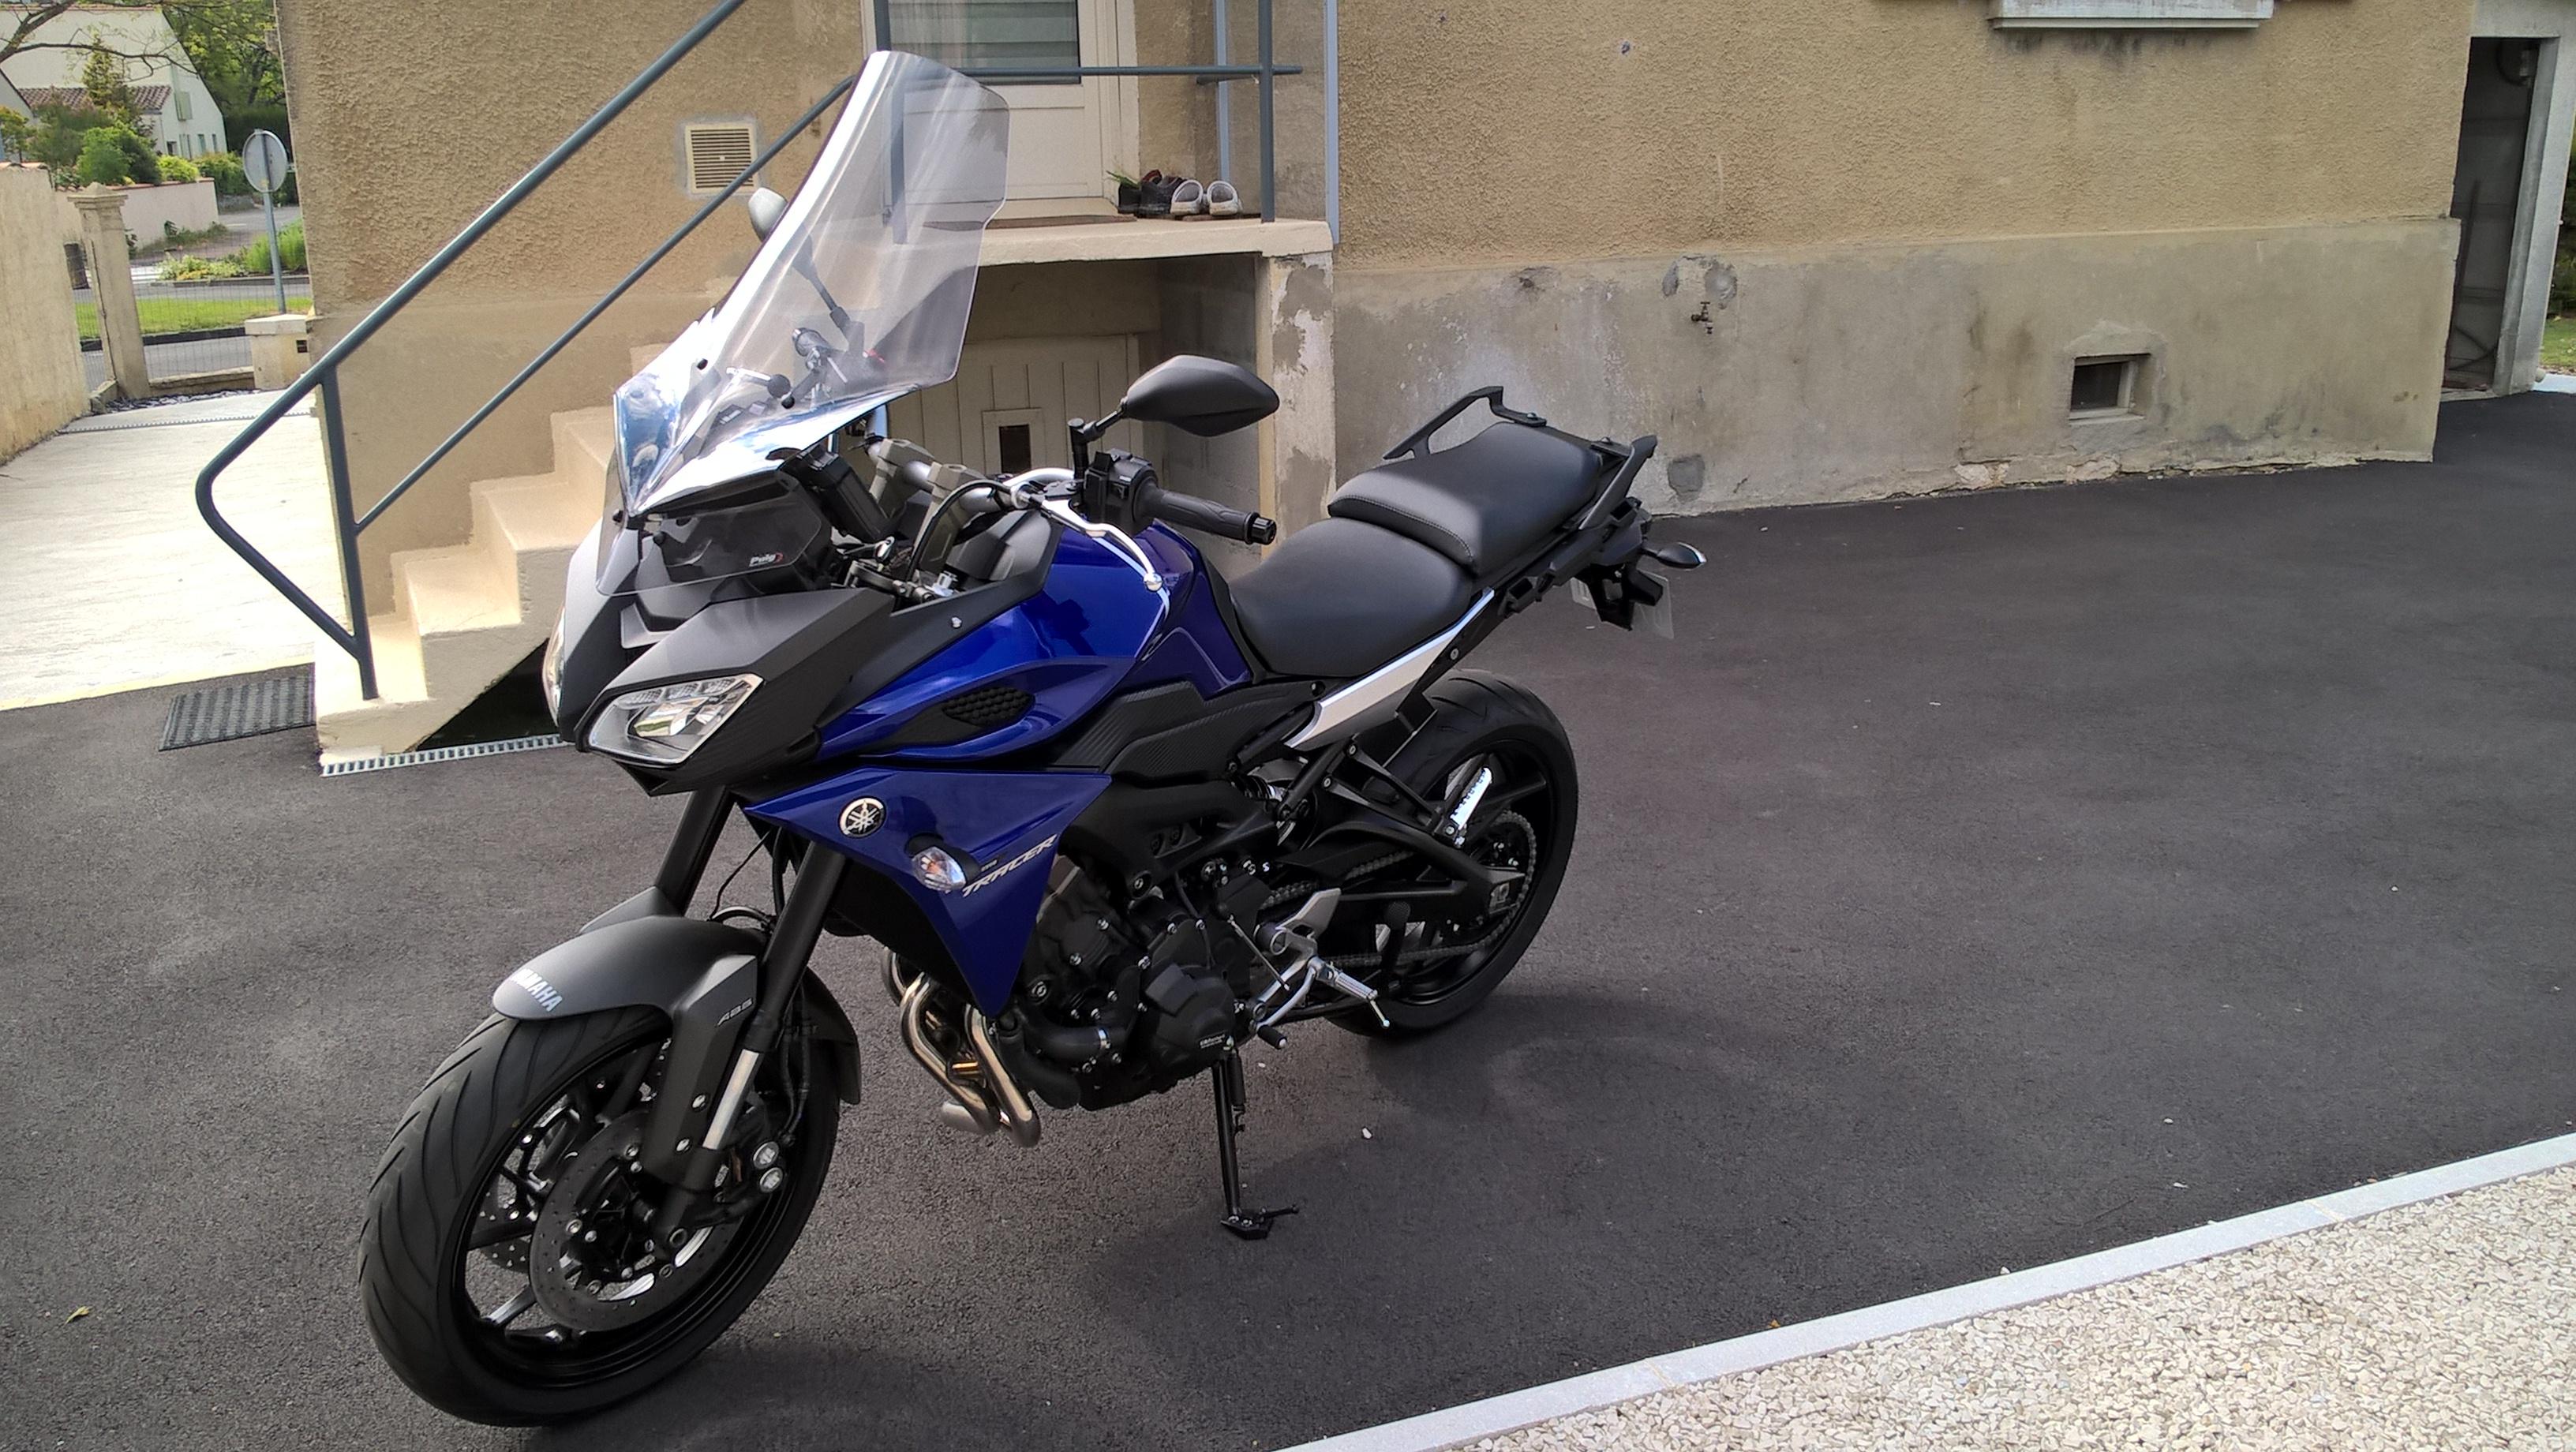 A combien peut-on négocier sa Yamaha MT-09 TRACER ? (Prix) - Page 30 743423WP20170502174122Pro